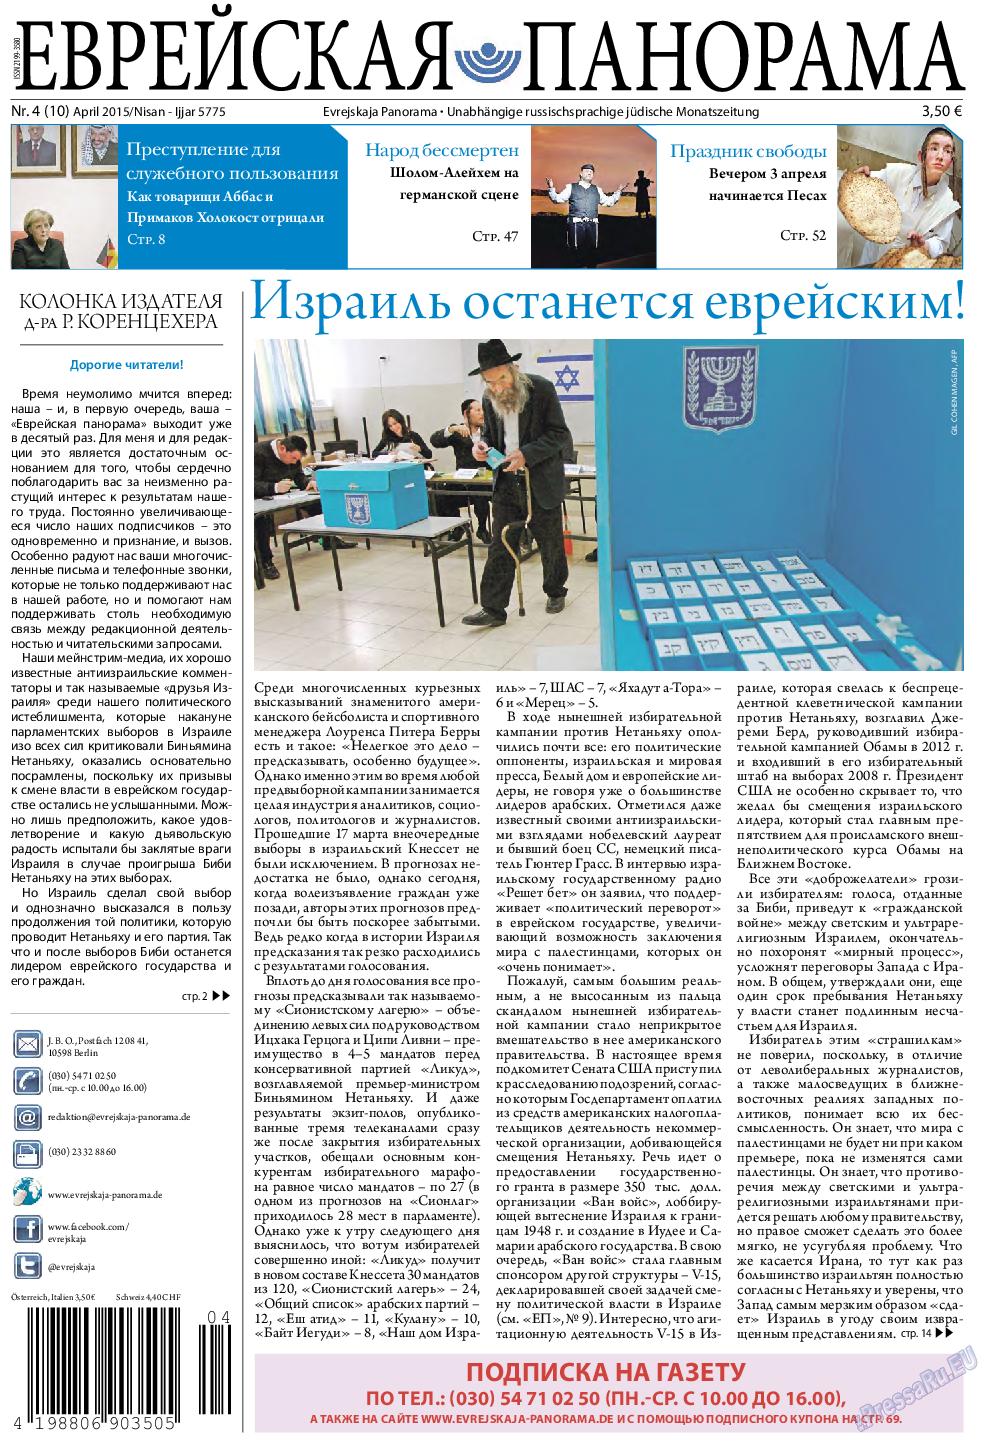 Еврейская панорама (газета). 2015 год, номер 4, стр. 1